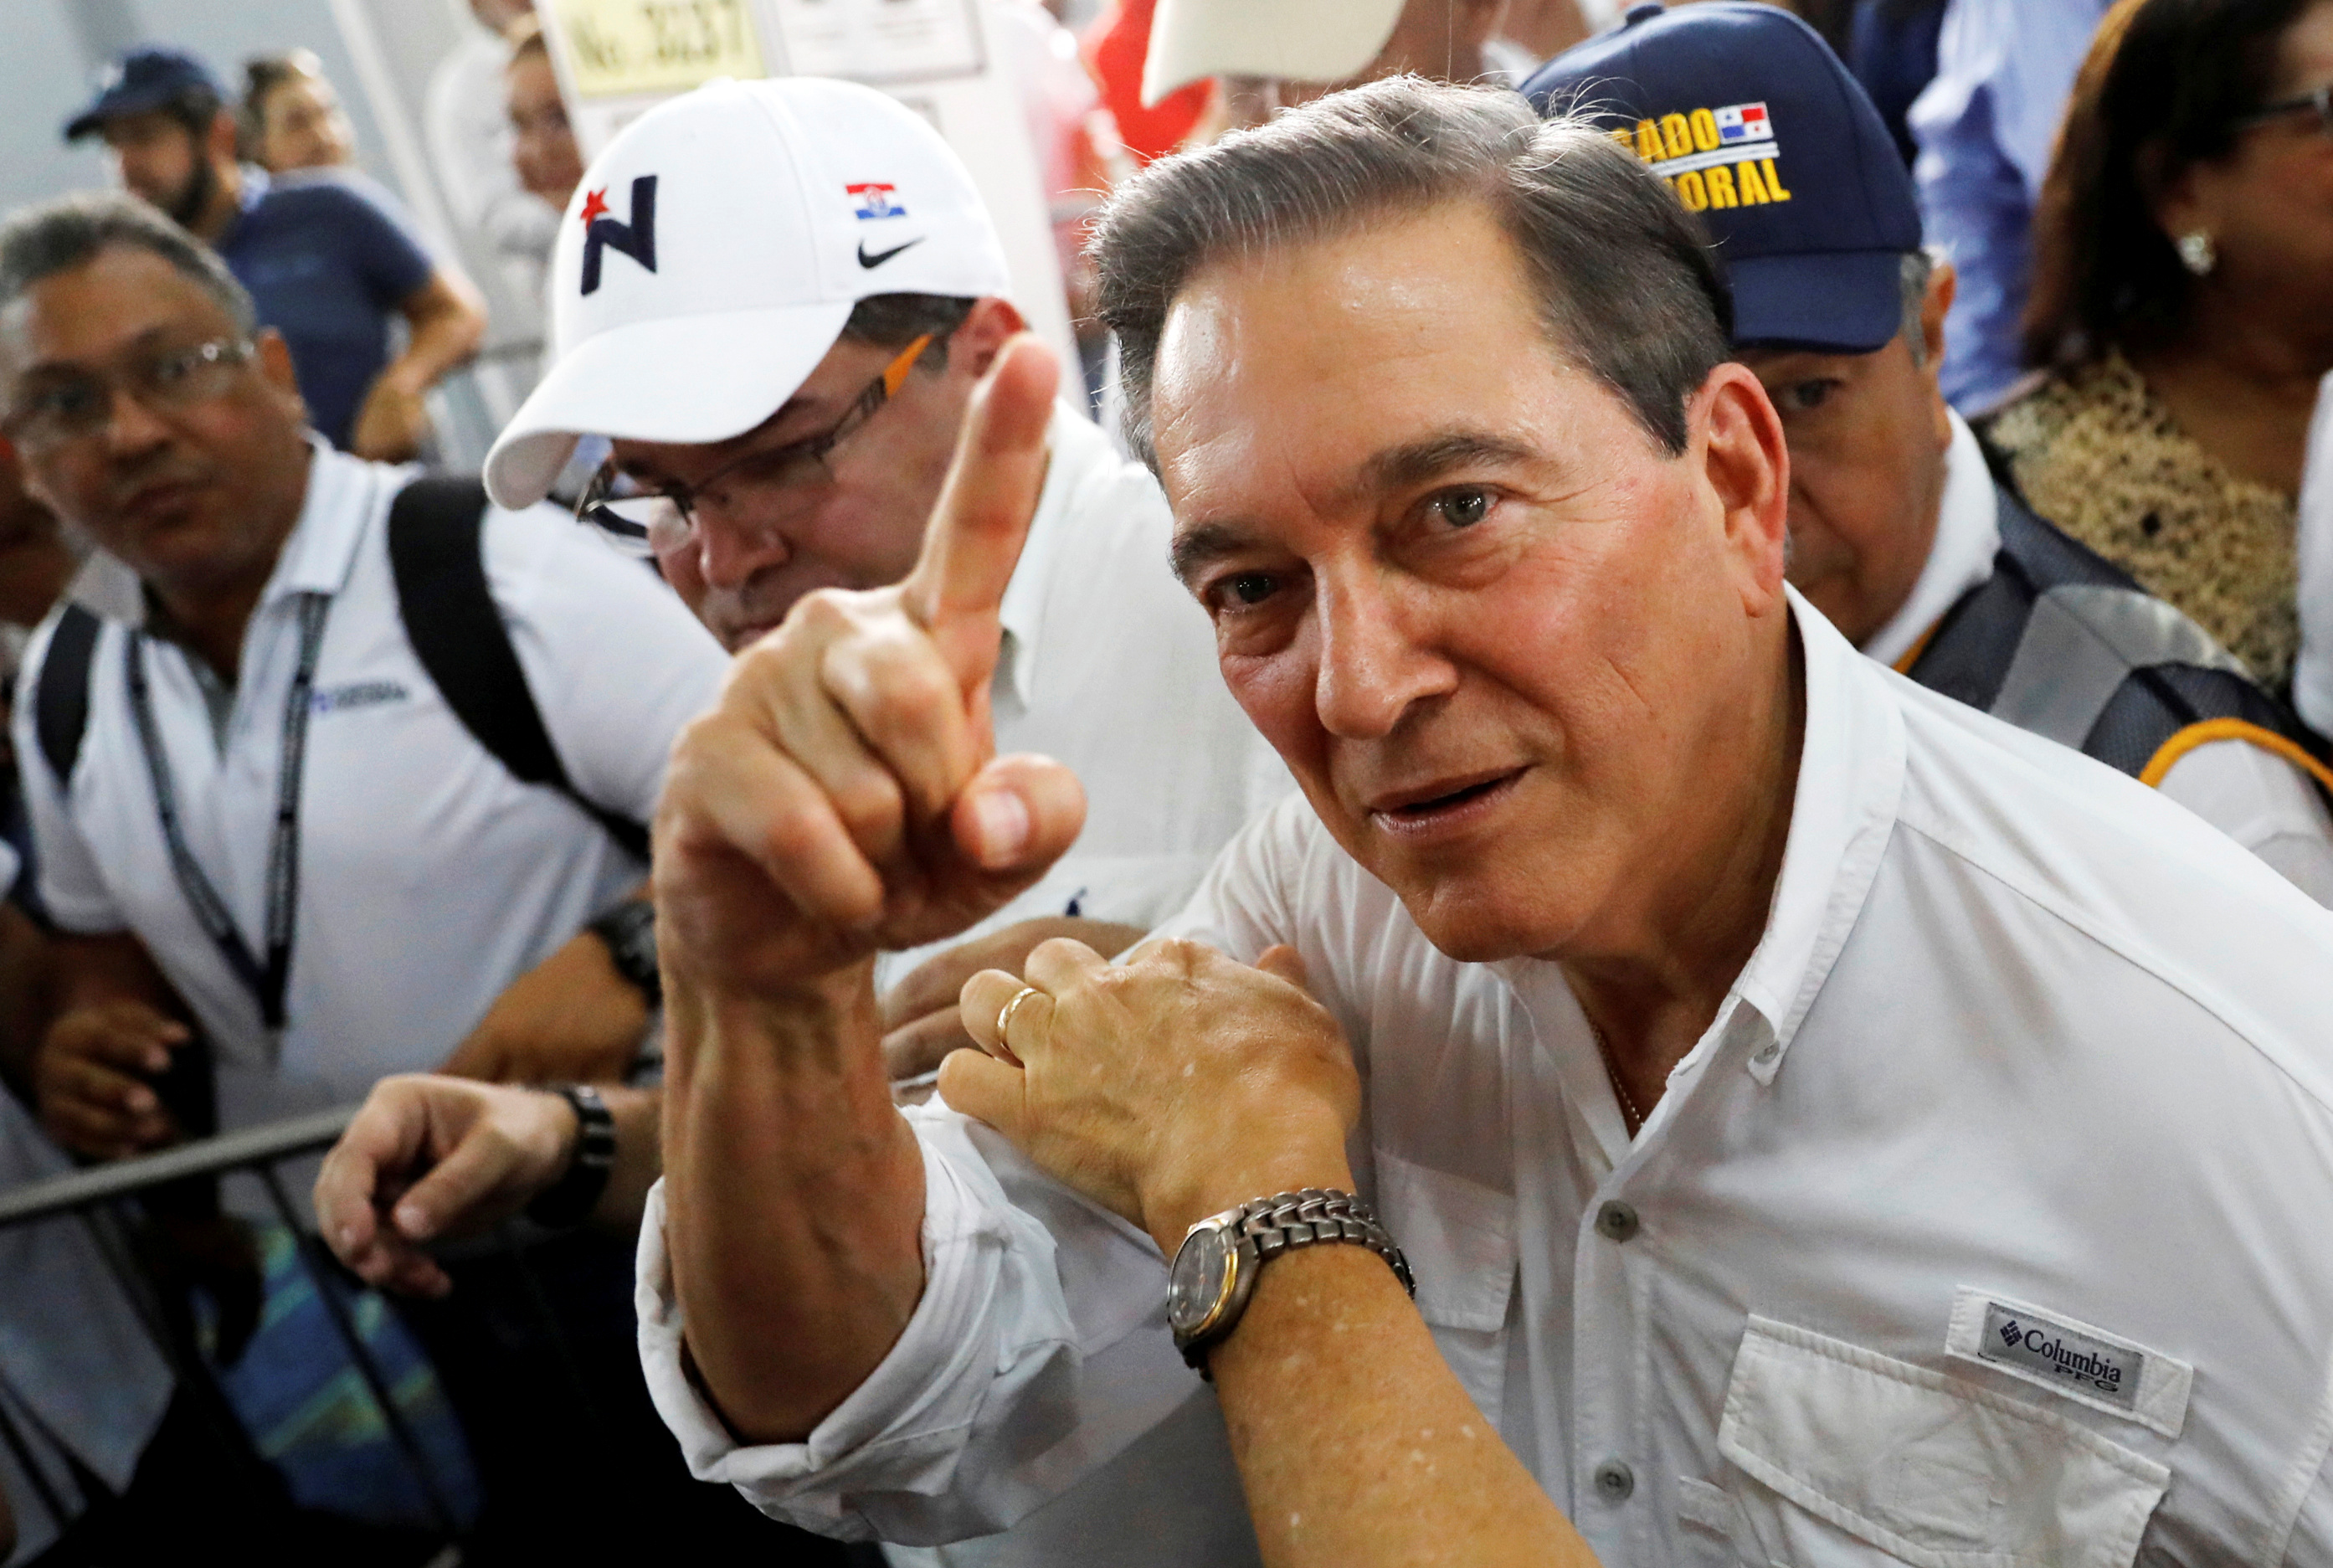 El candidato presidencial Laurentino Cortizo tras votar en Panamá City (REUTERS/Carlos Jasso)